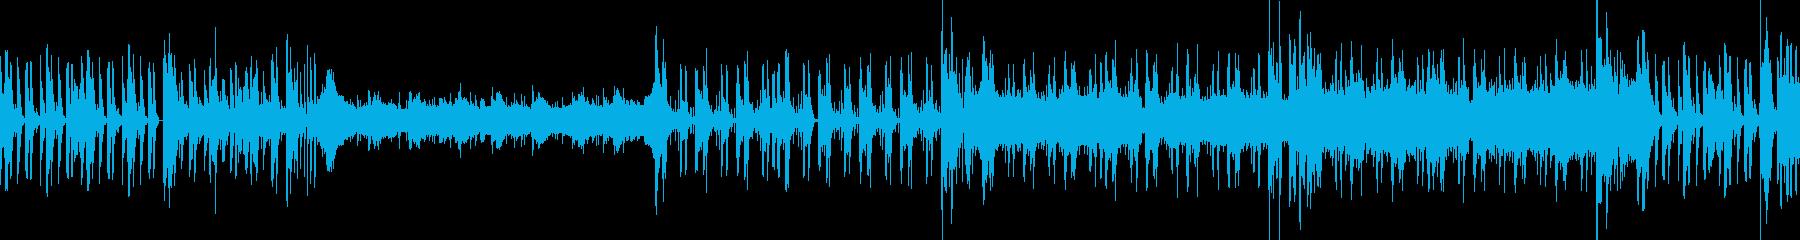 ハープの音を使った緊迫感のある2stepの再生済みの波形